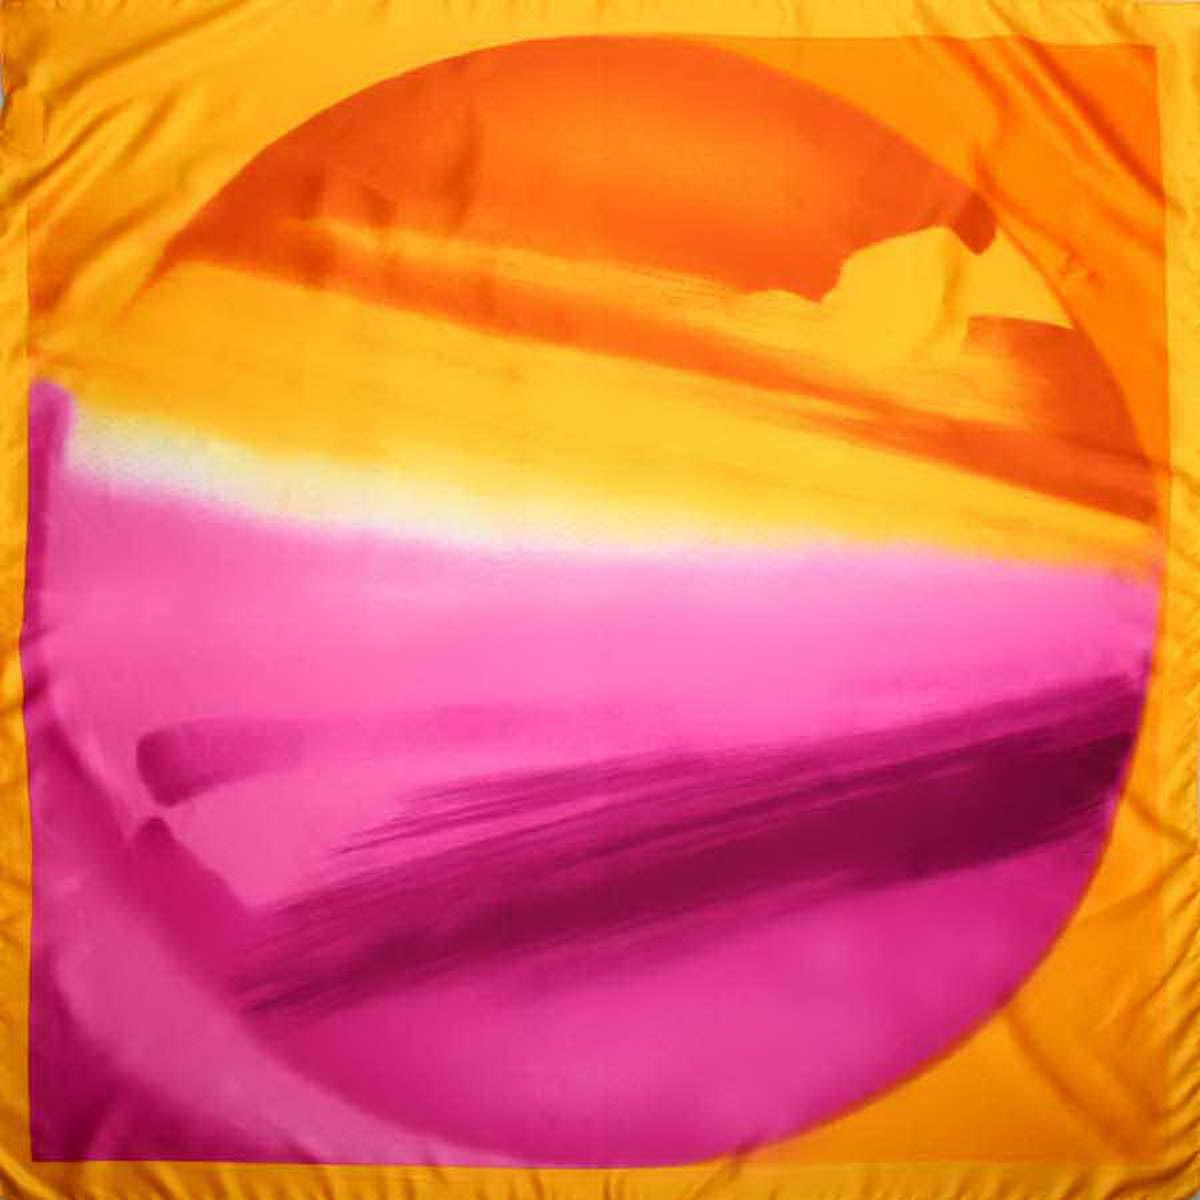 Платок женский Venera, цвет: желтый, оранжевый, розовый. 3906733-22. Размер 90 см х 90 см3906733-22Стильный женский платок Venera станет великолепным завершением любого наряда. Платок, изготовленный из полиэстера, оформлен оригинальным принтом. Классическая квадратная форма позволяет носить платок на шее, украшать им прическу или декорировать сумочку. Легкий и приятный на ощупь платок поможет вам создать изысканный женственный образ. Такой платок превосходно дополнит любой наряд и подчеркнет ваш неповторимый вкус и элегантность.